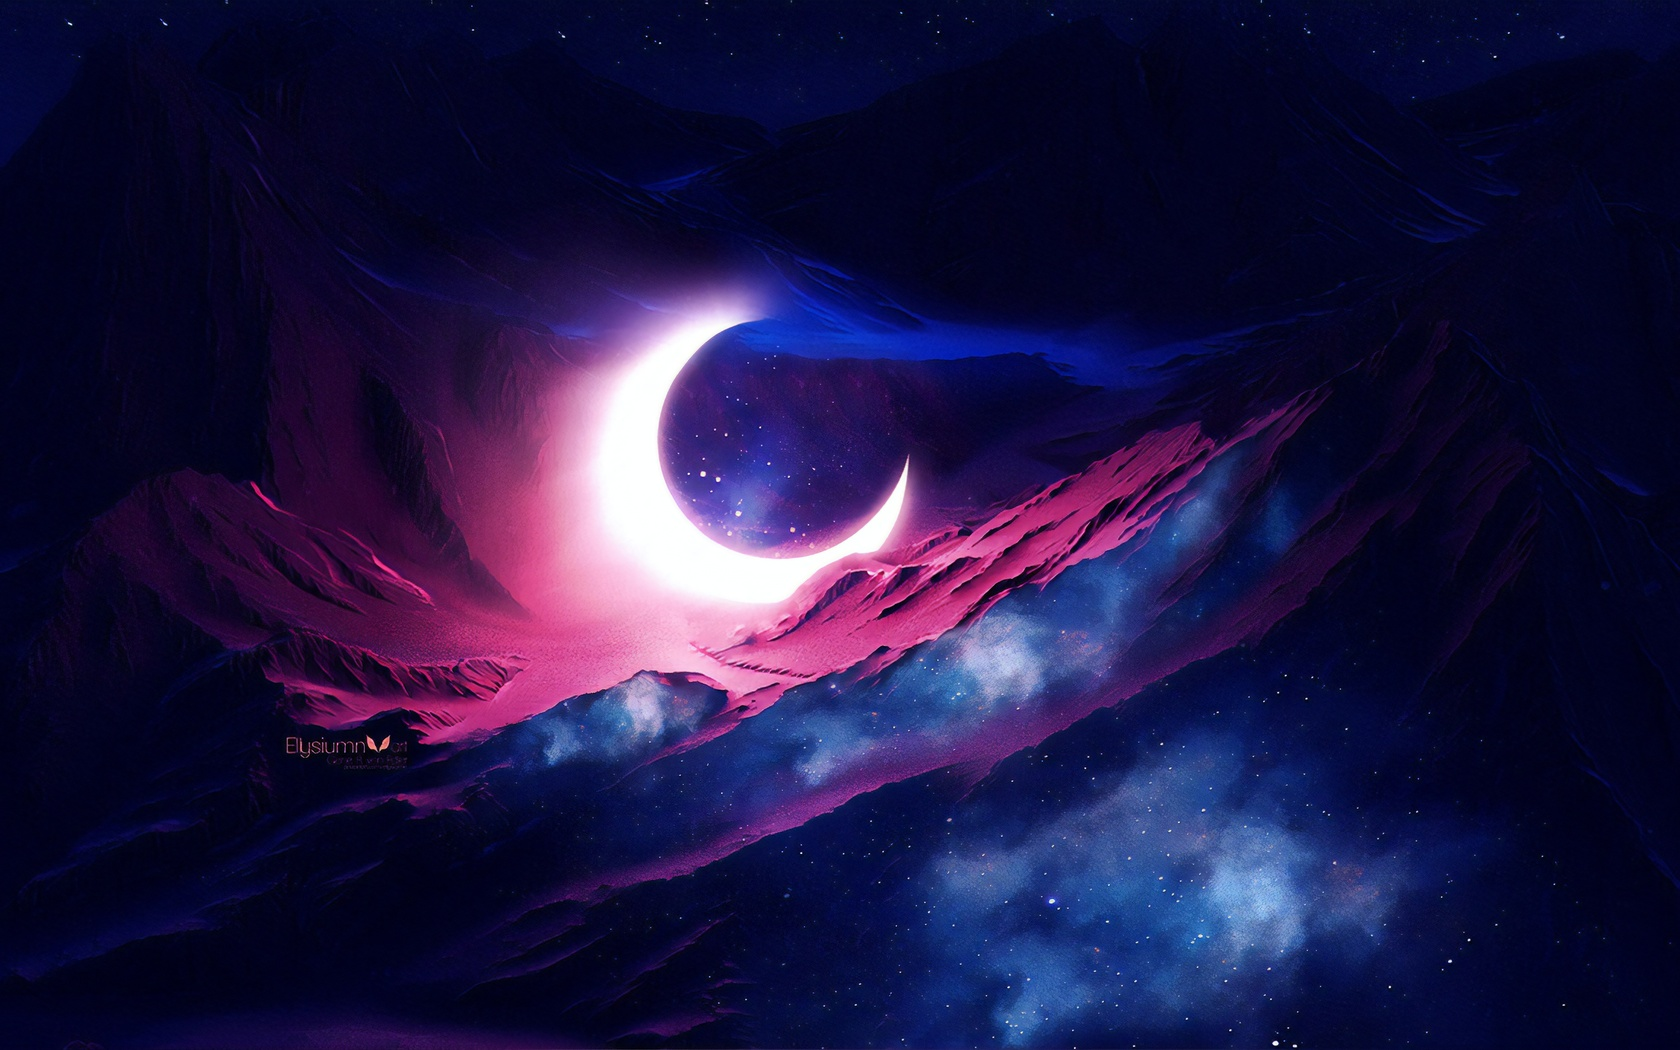 fallen-moon-4k-oc.jpg